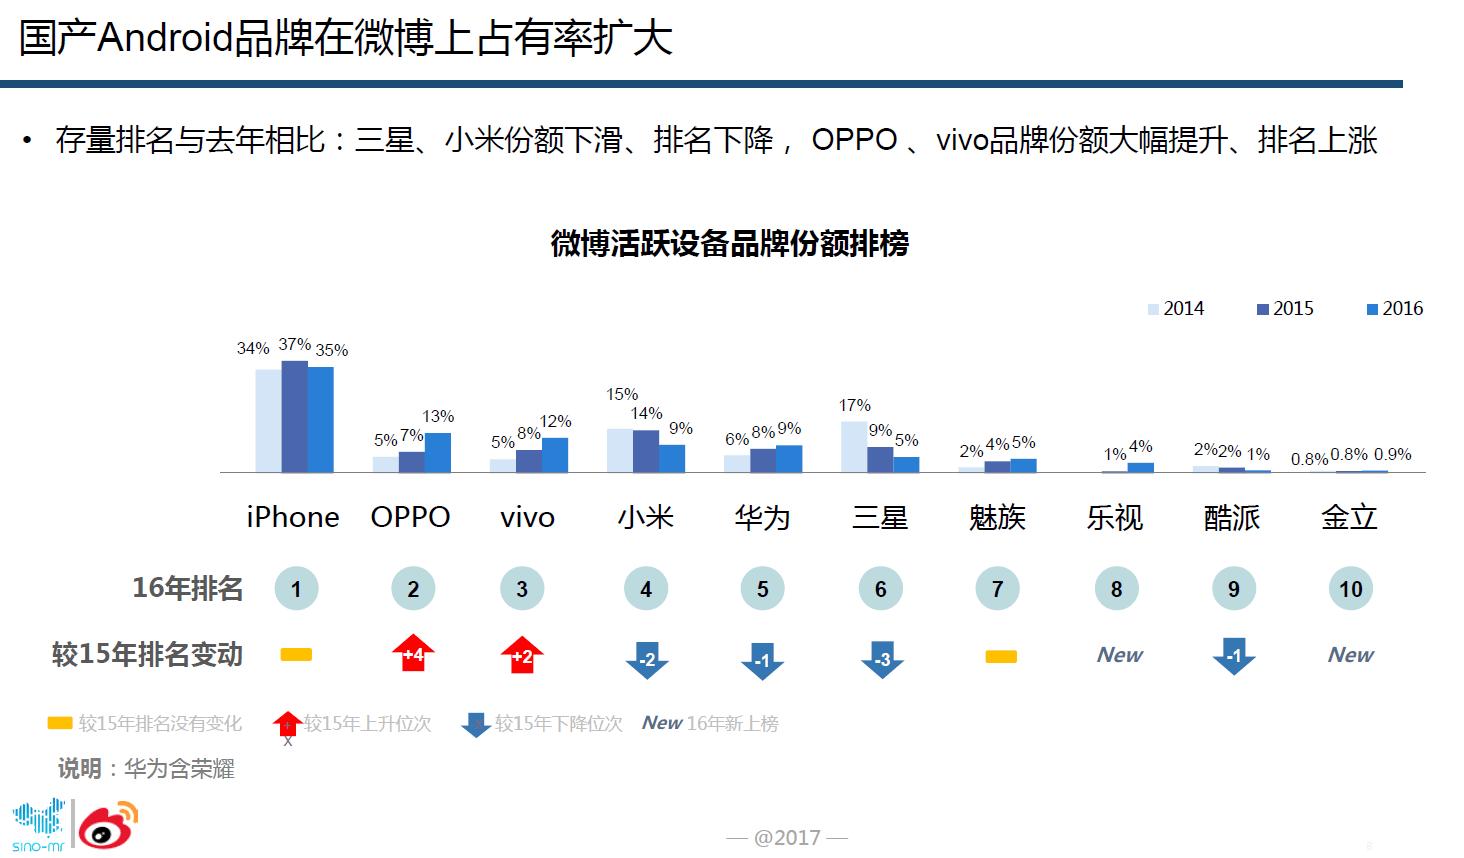 图3:OPPO微博占有率大幅提升.png